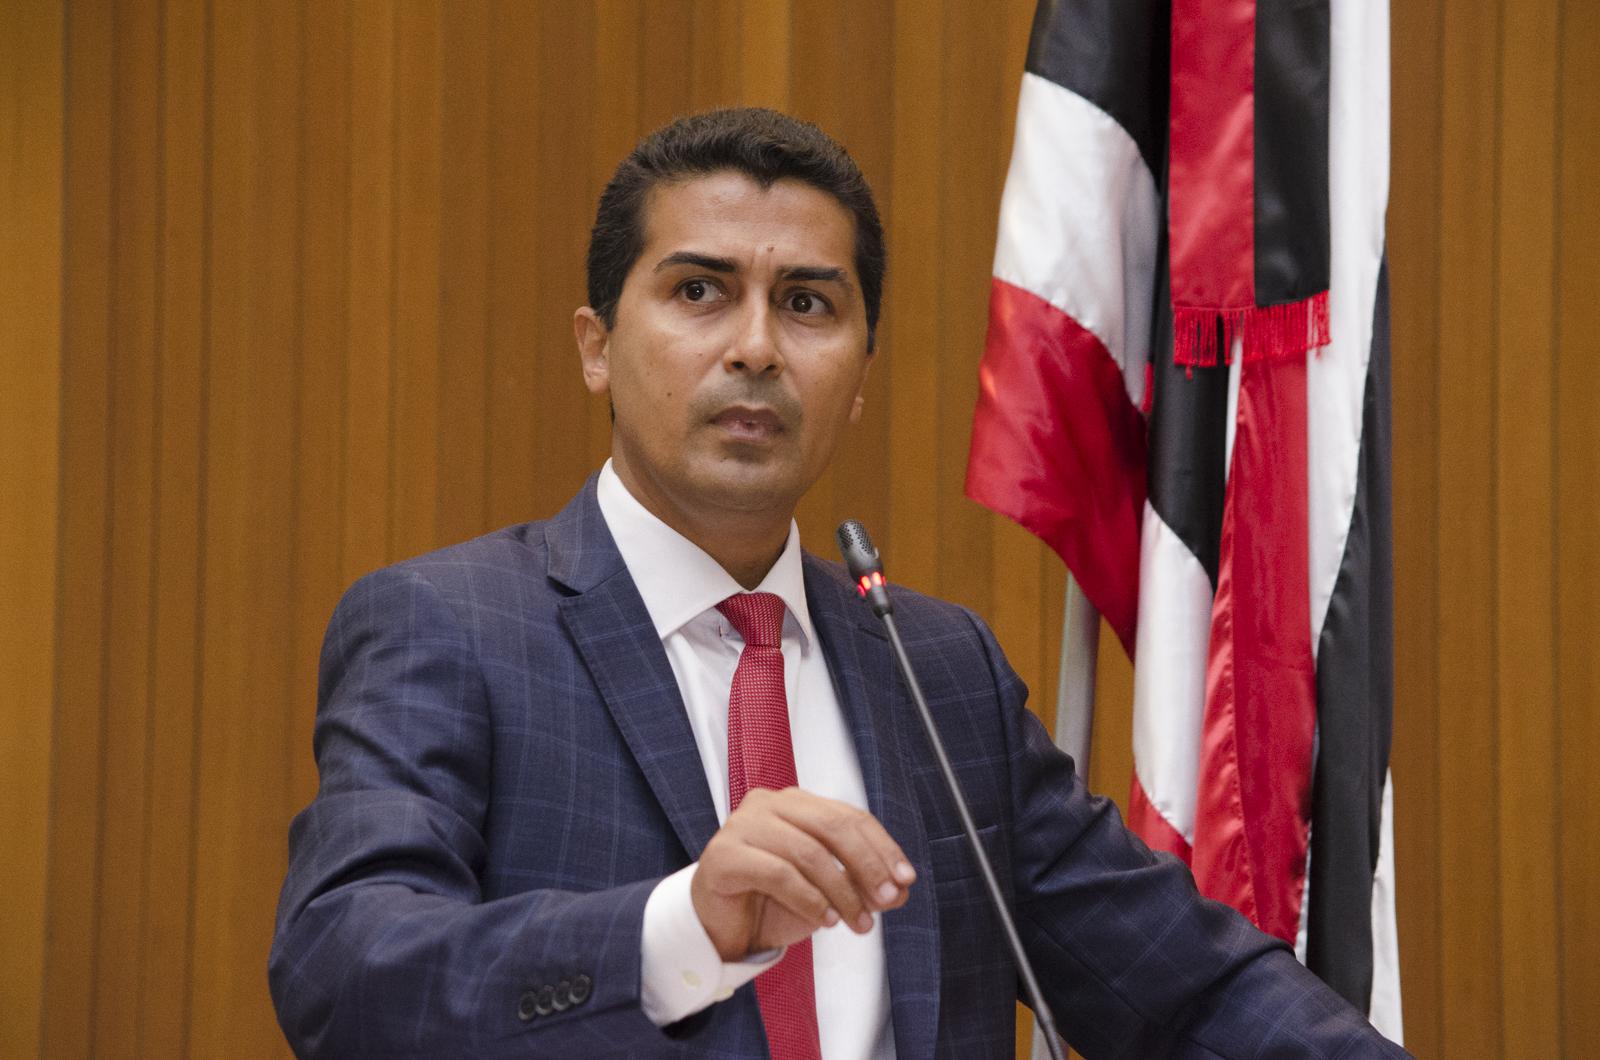 Deputado Professor Marco Aurélio repudia ataques ao governador Flávio Dino